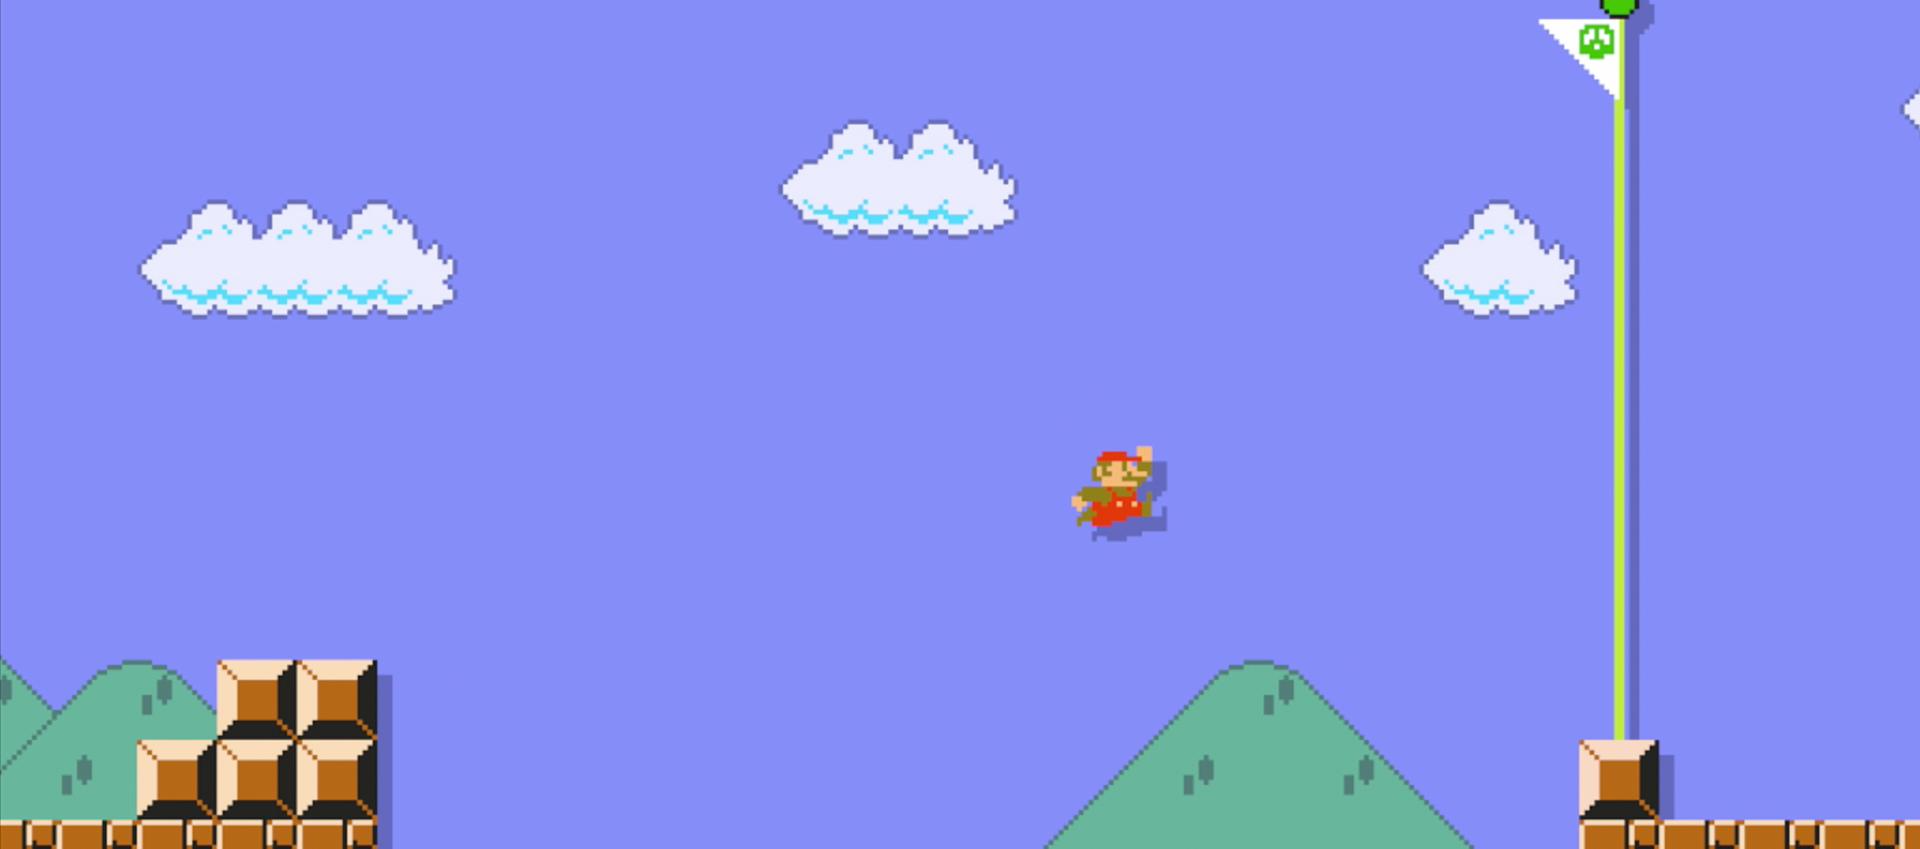 Game of the Year 2015: Super Mario Maker for Wii U from Nintendo via eShop. Original Mario Bros.